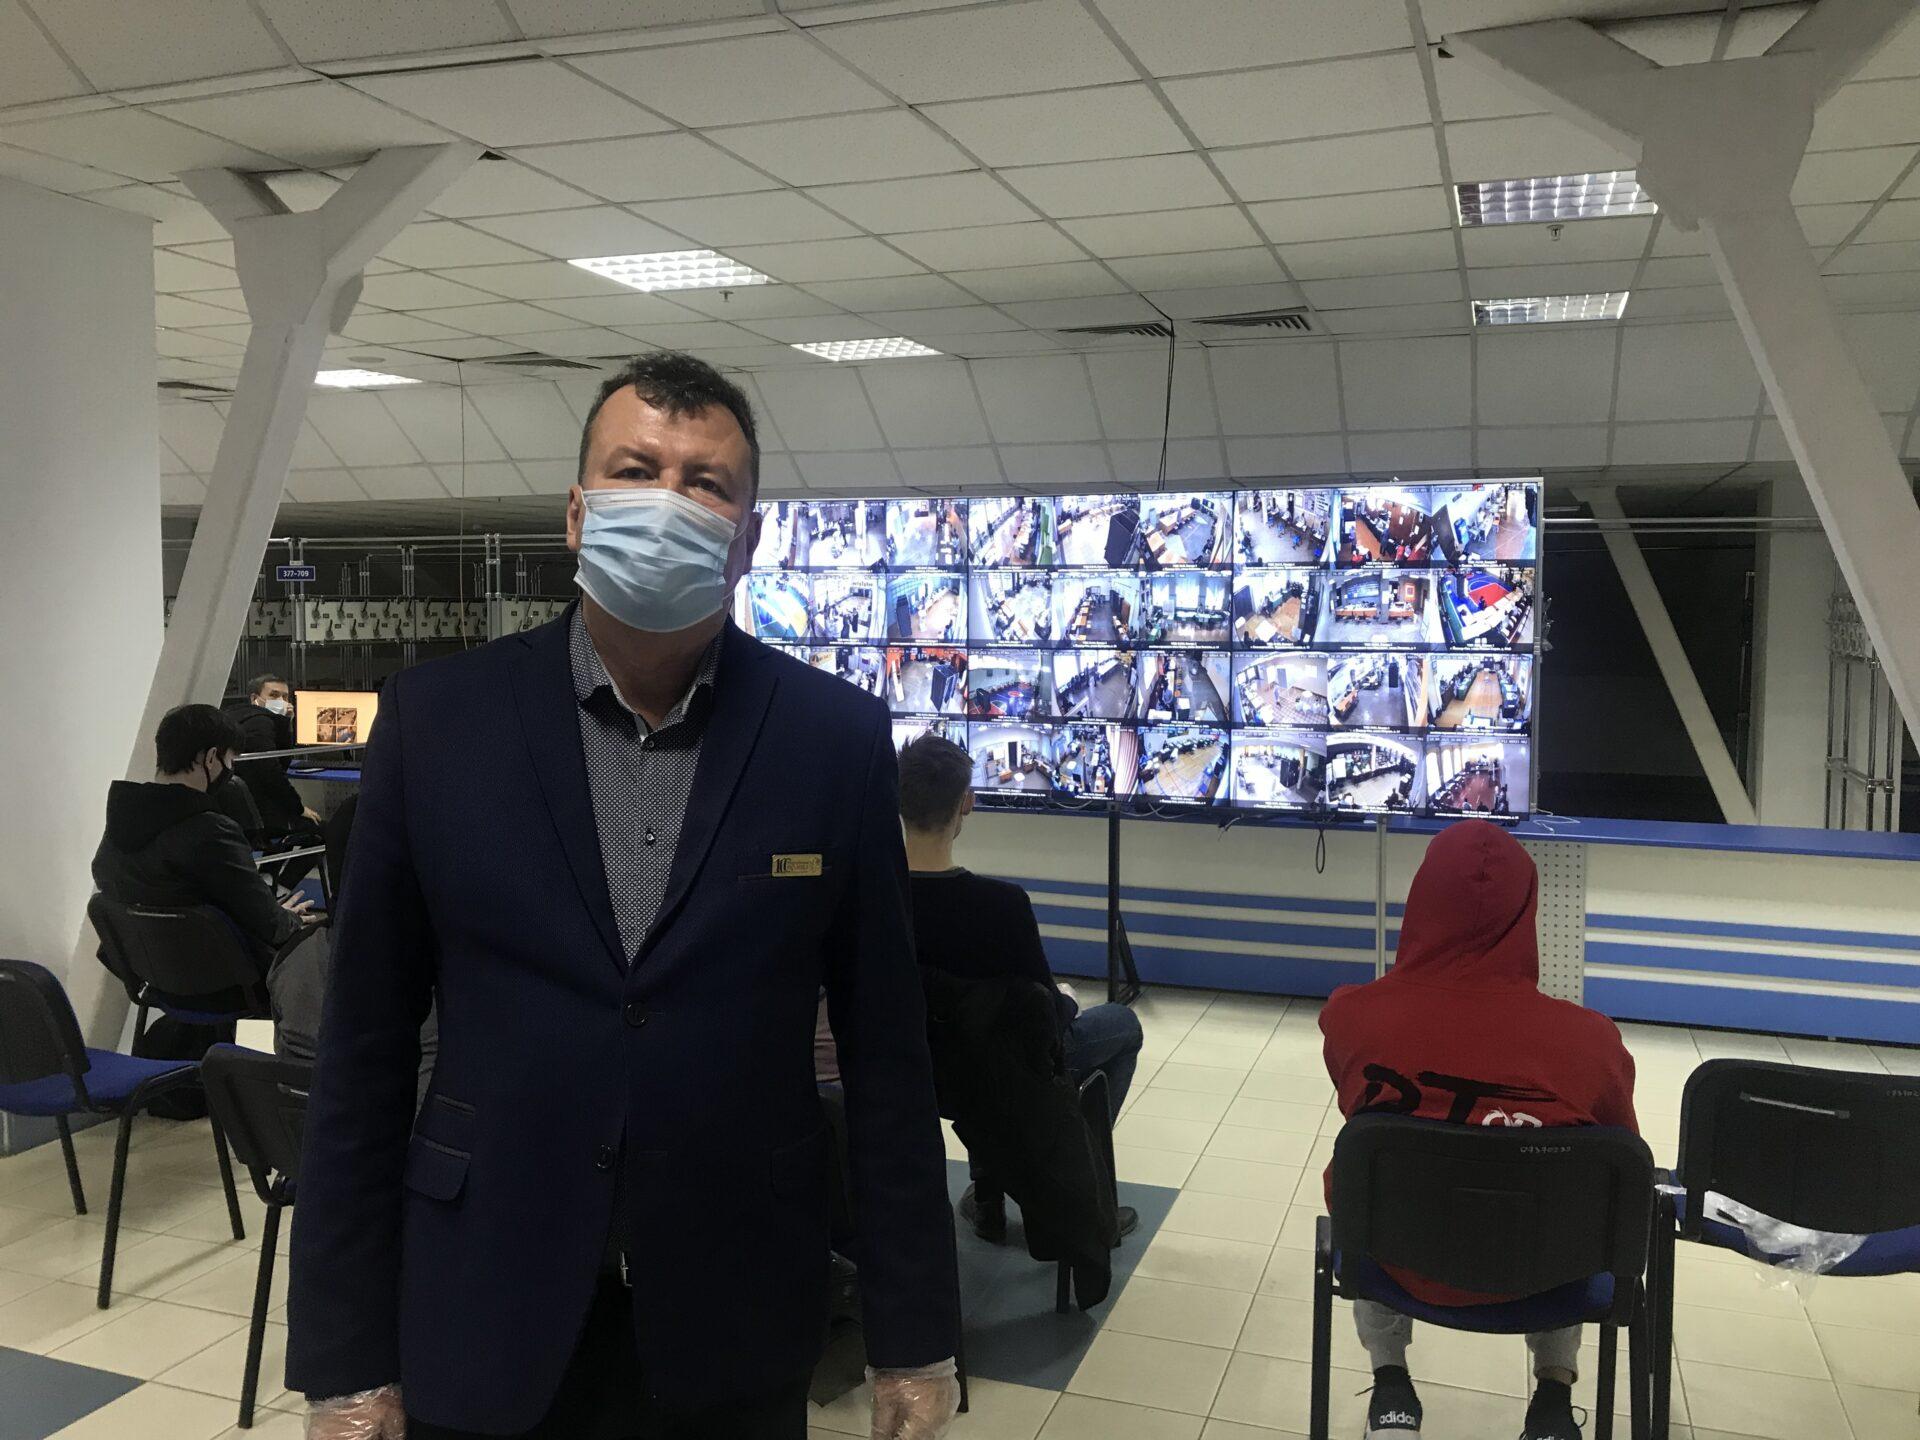 Сергей Дружинин рассказал о работе Центра общественного наблюдения в Йошкар-Оле